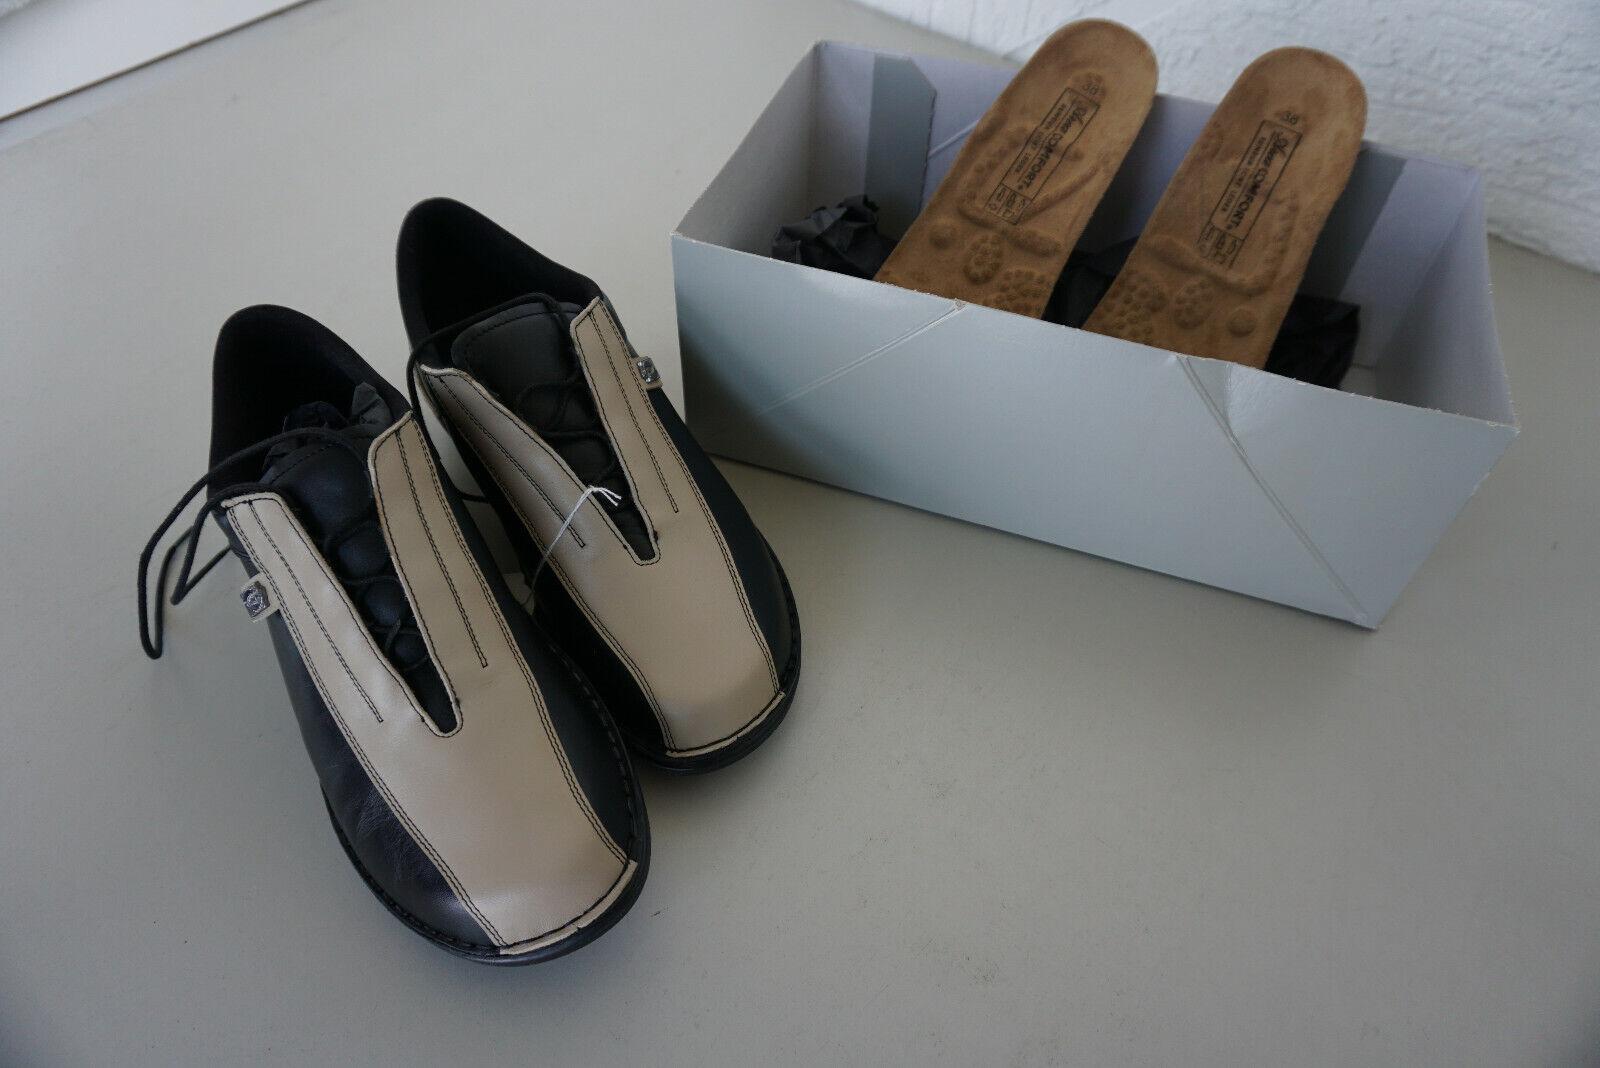 Légère orthopédiques Globo Concept chaussures femmes Taille 38 noir beige en cuir NEUF